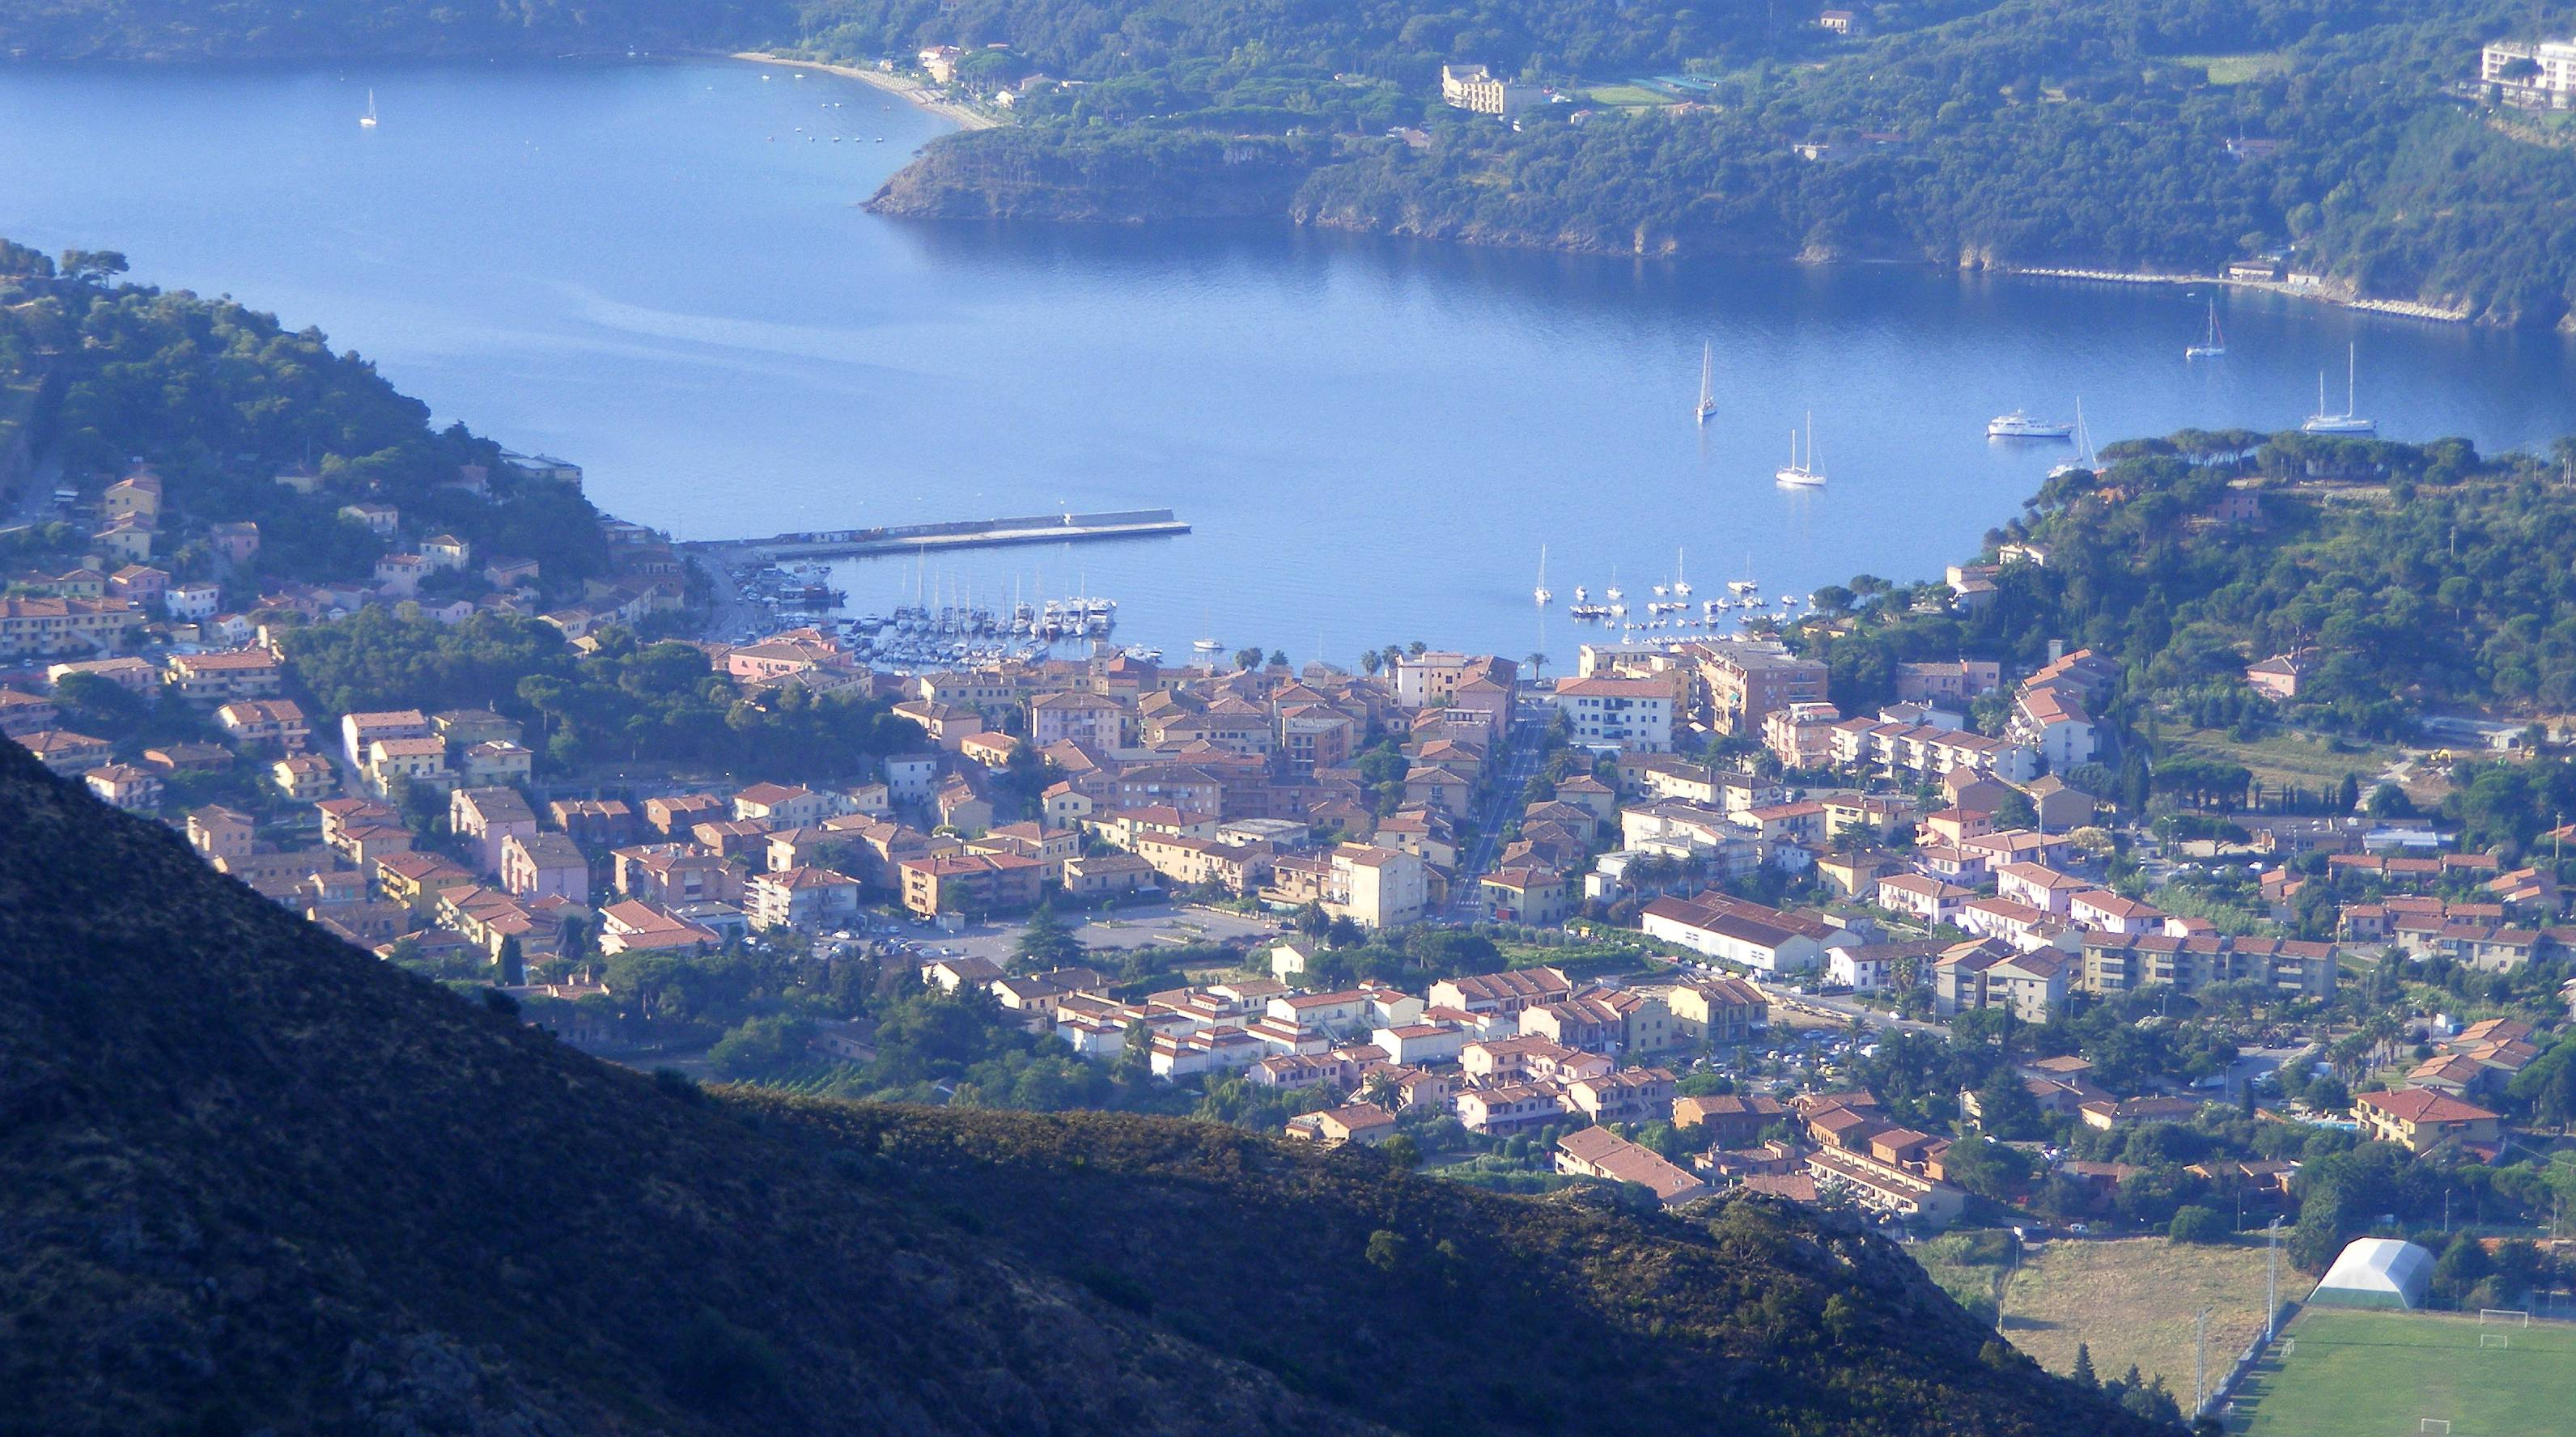 Pianificazione portuale a Porto Azzurro, approvato li schema dell'Accordo Regione-Comune